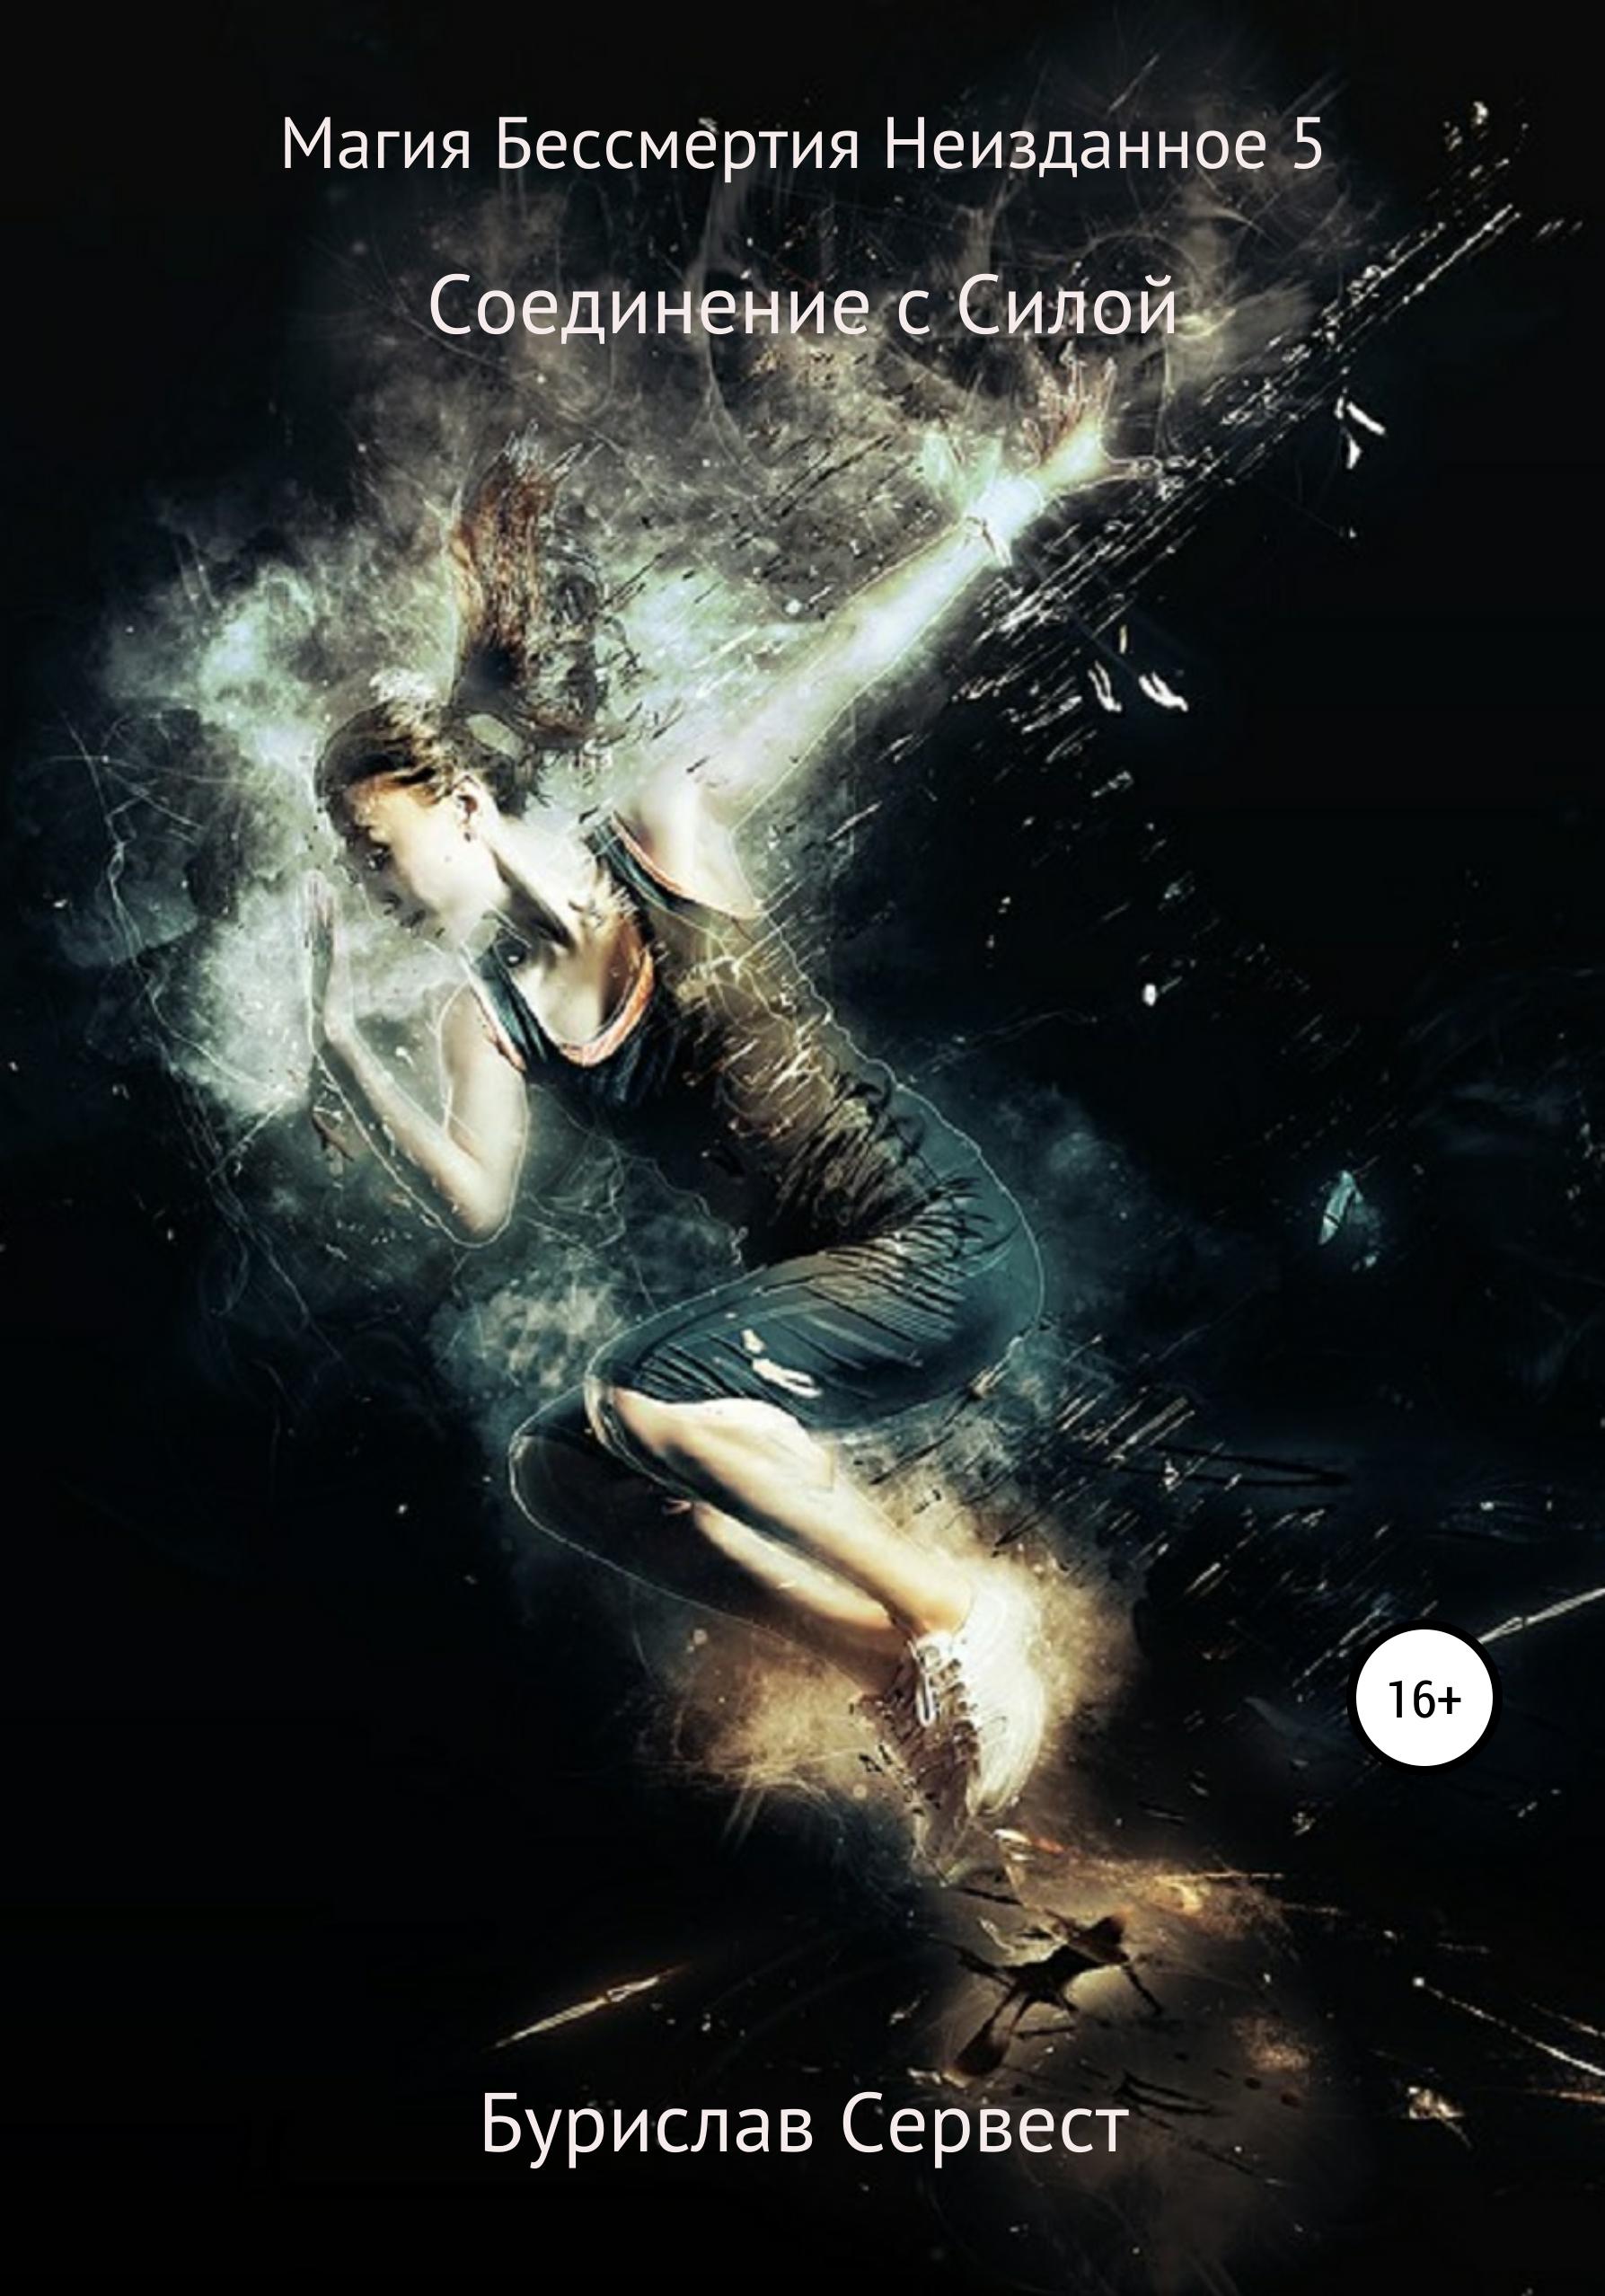 Магия Бессмертия. Неизданное 5. Соединение с Силой